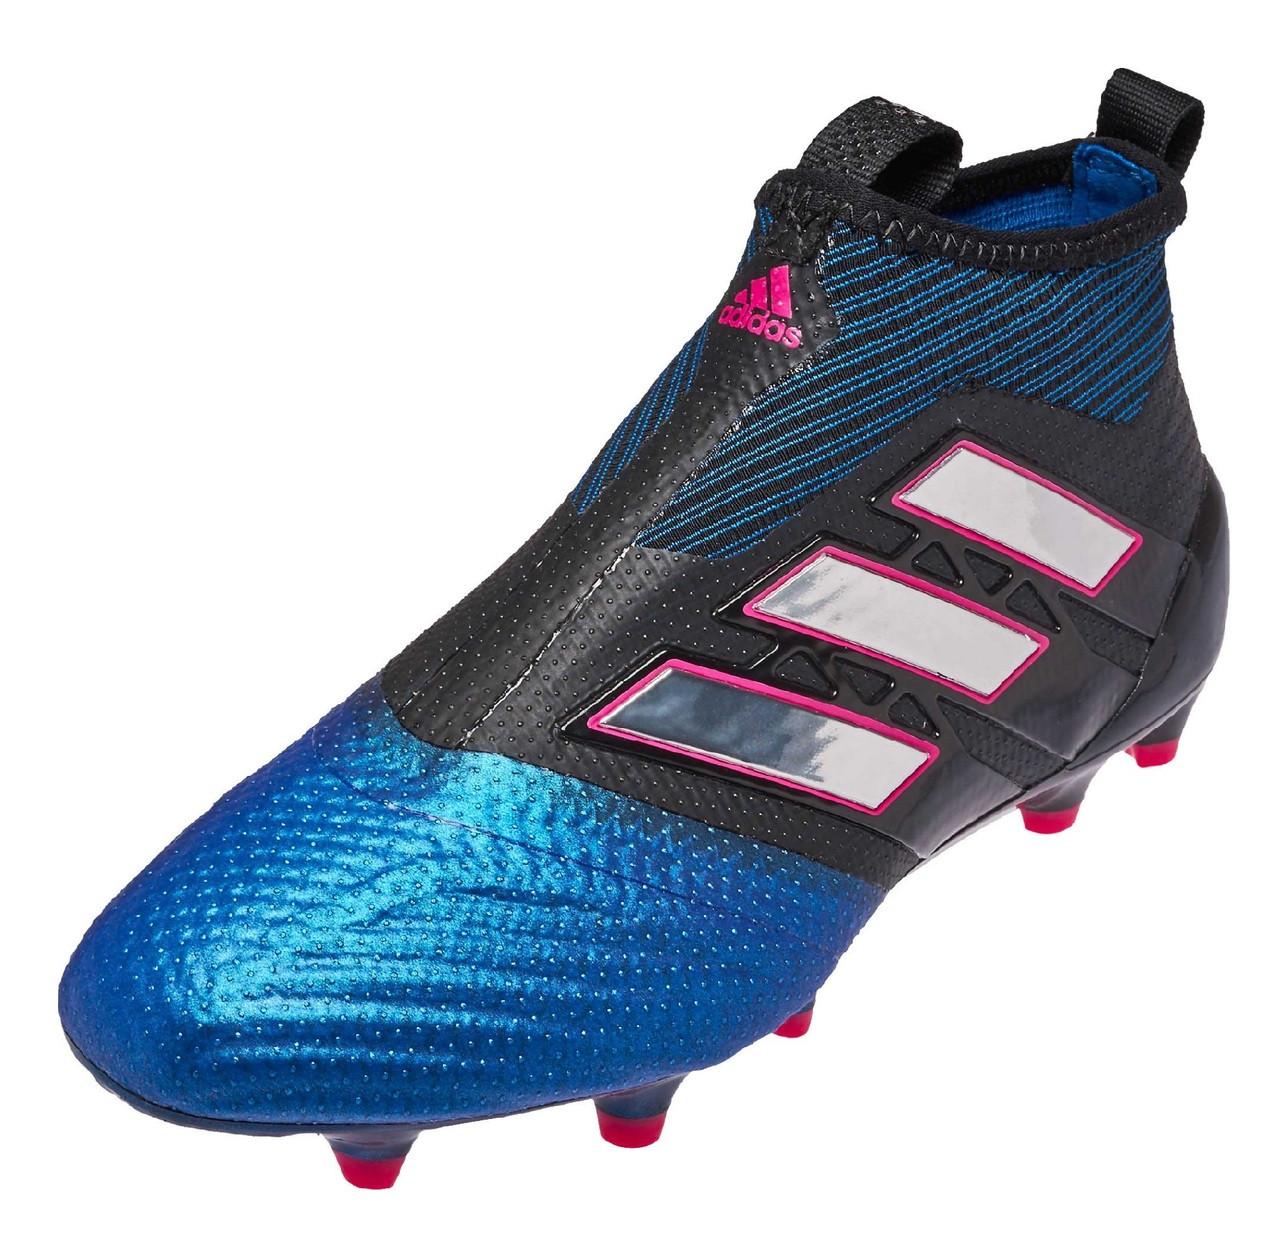 Adidas Ace 17.1 Purecontrol FG Jr Core BlackCloud WhiteBlue (121518)